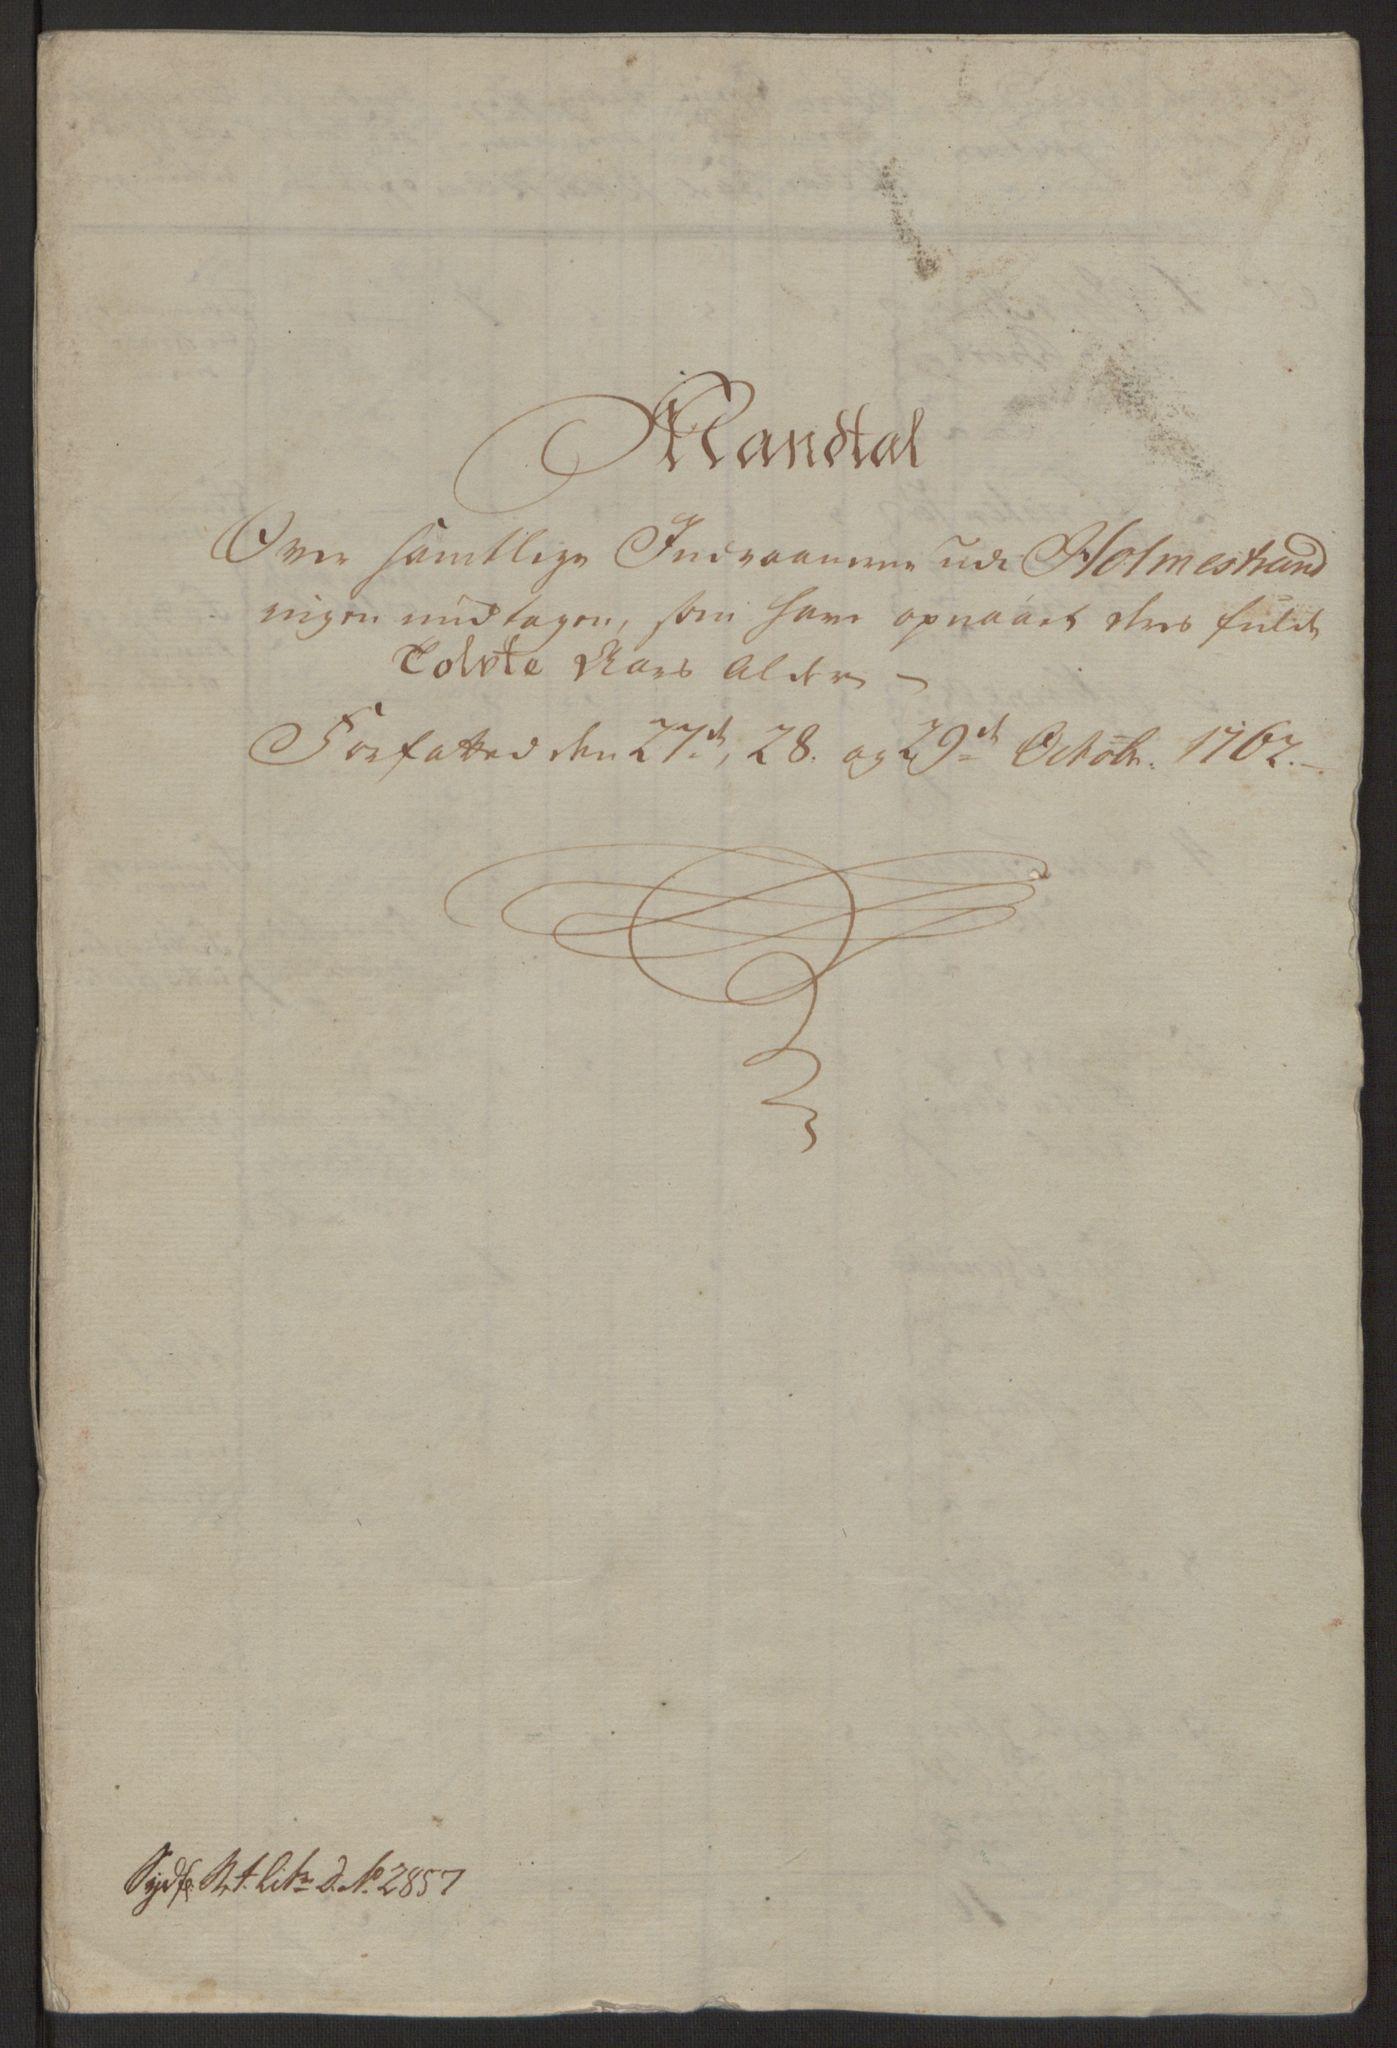 RA, Rentekammeret inntil 1814, Reviderte regnskaper, Byregnskaper, R/Rh/L0163: [H4] Kontribusjonsregnskap, 1762-1772, s. 7